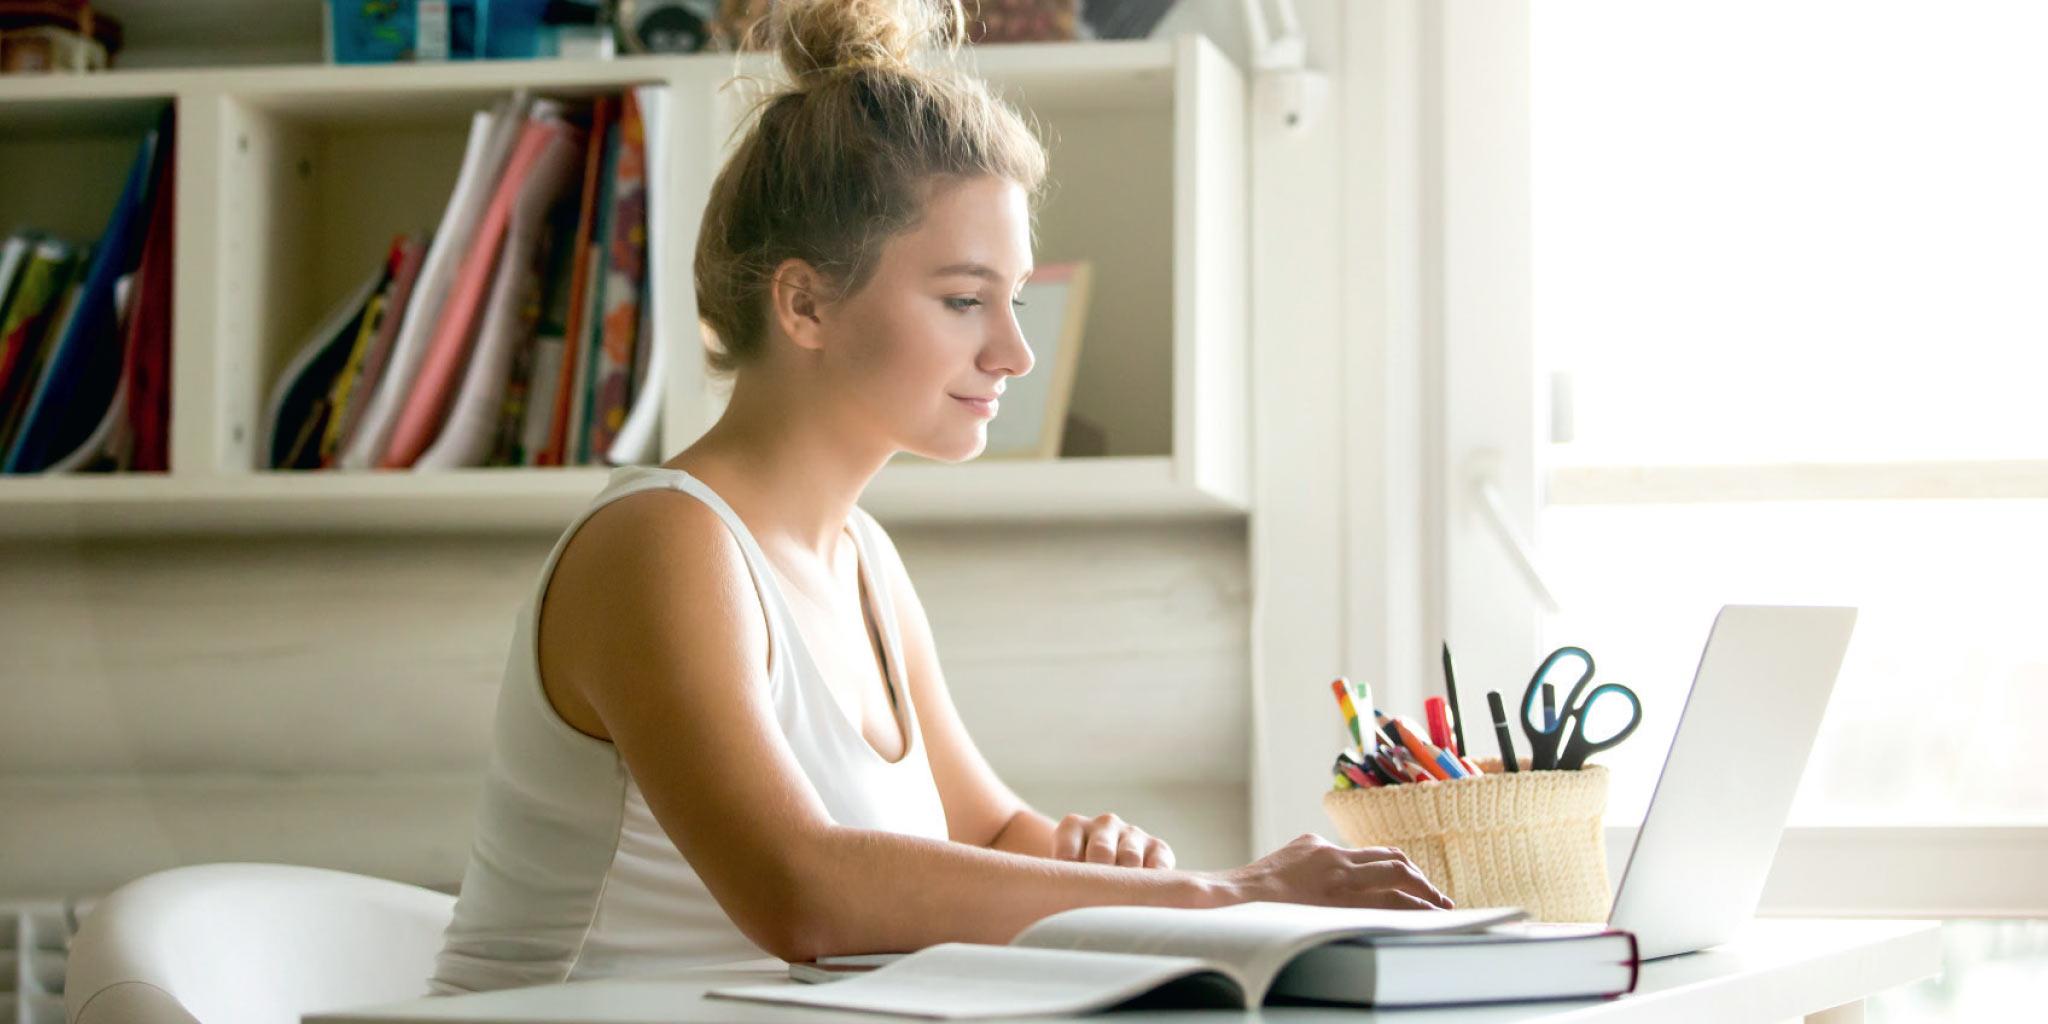 Meisje die aan het studeren is thuis